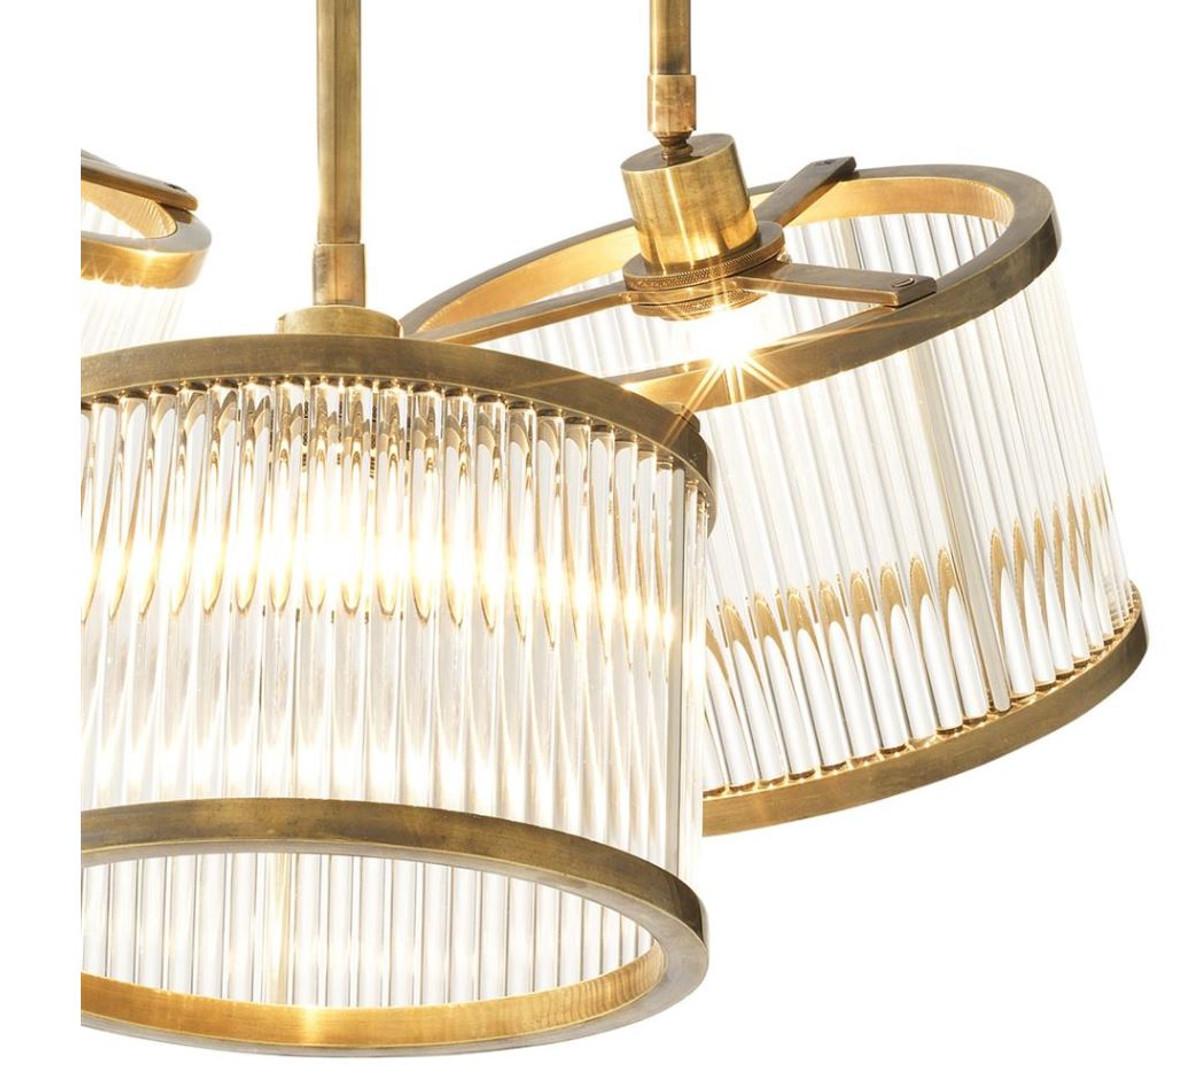 casa padrino luxus deckenleuchte durchmesser 70 x h 119 cm m bel l ster leuchter deckenlampe. Black Bedroom Furniture Sets. Home Design Ideas